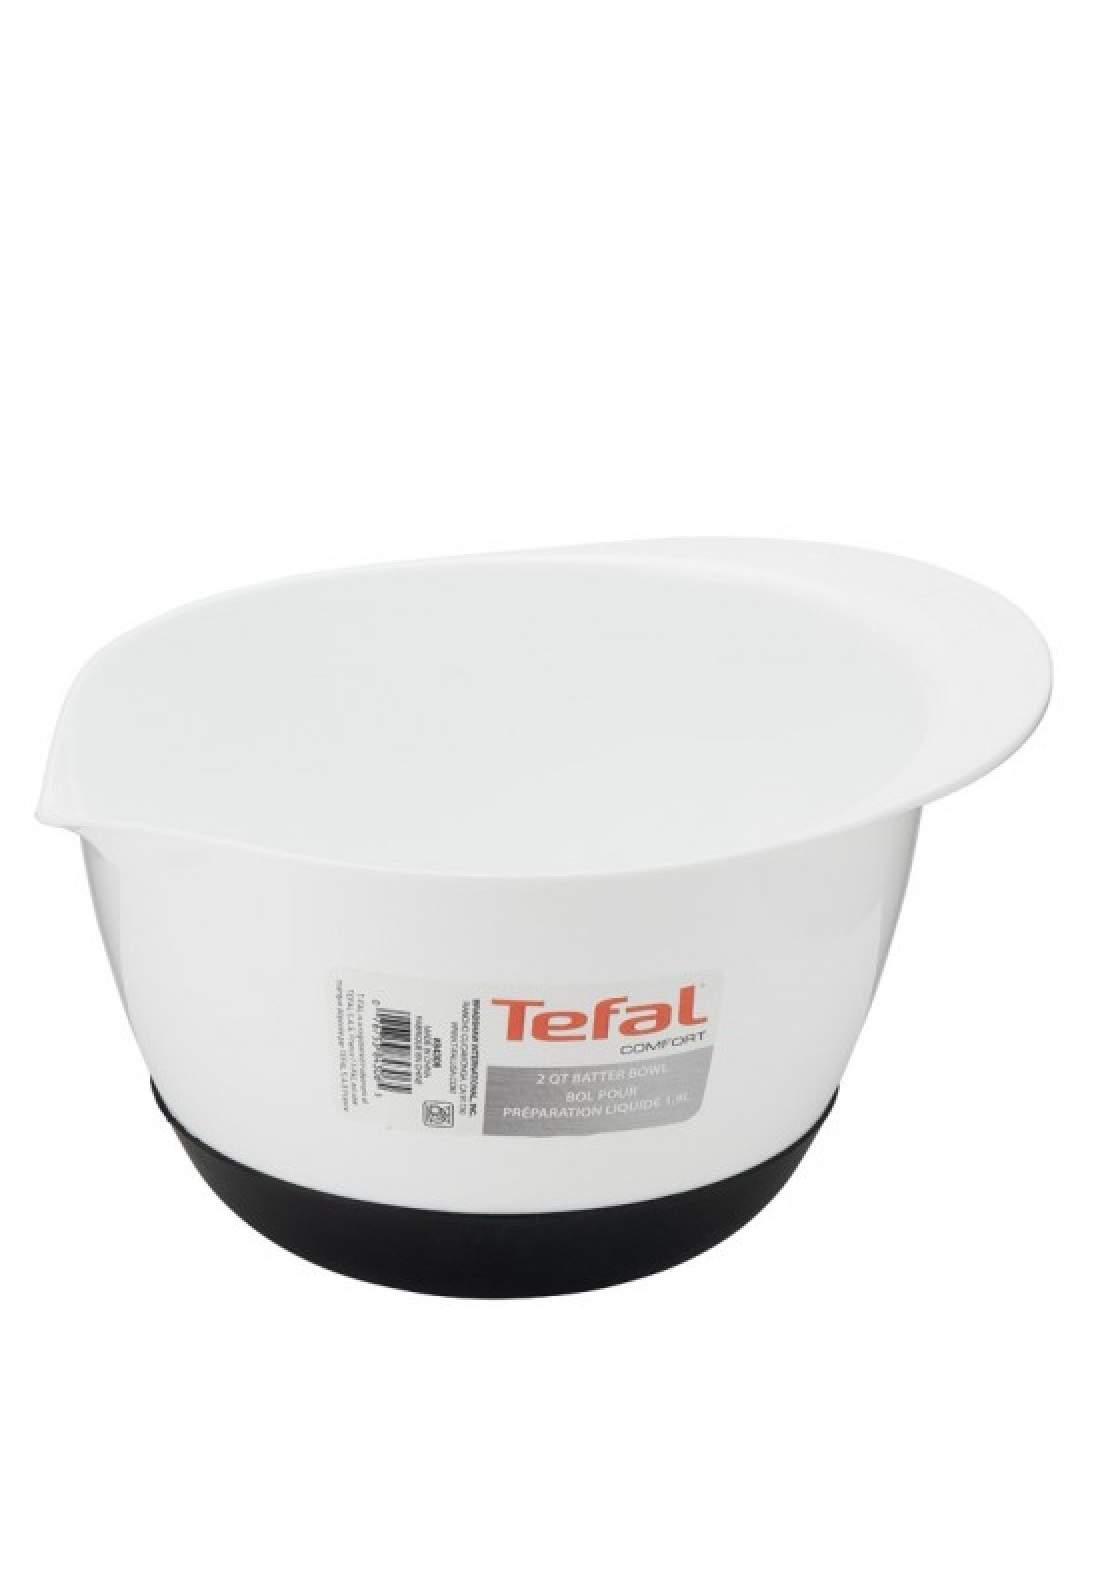 Tefal K1298014 Tools & Gadgets Comfort Mixing Bowl وعاء